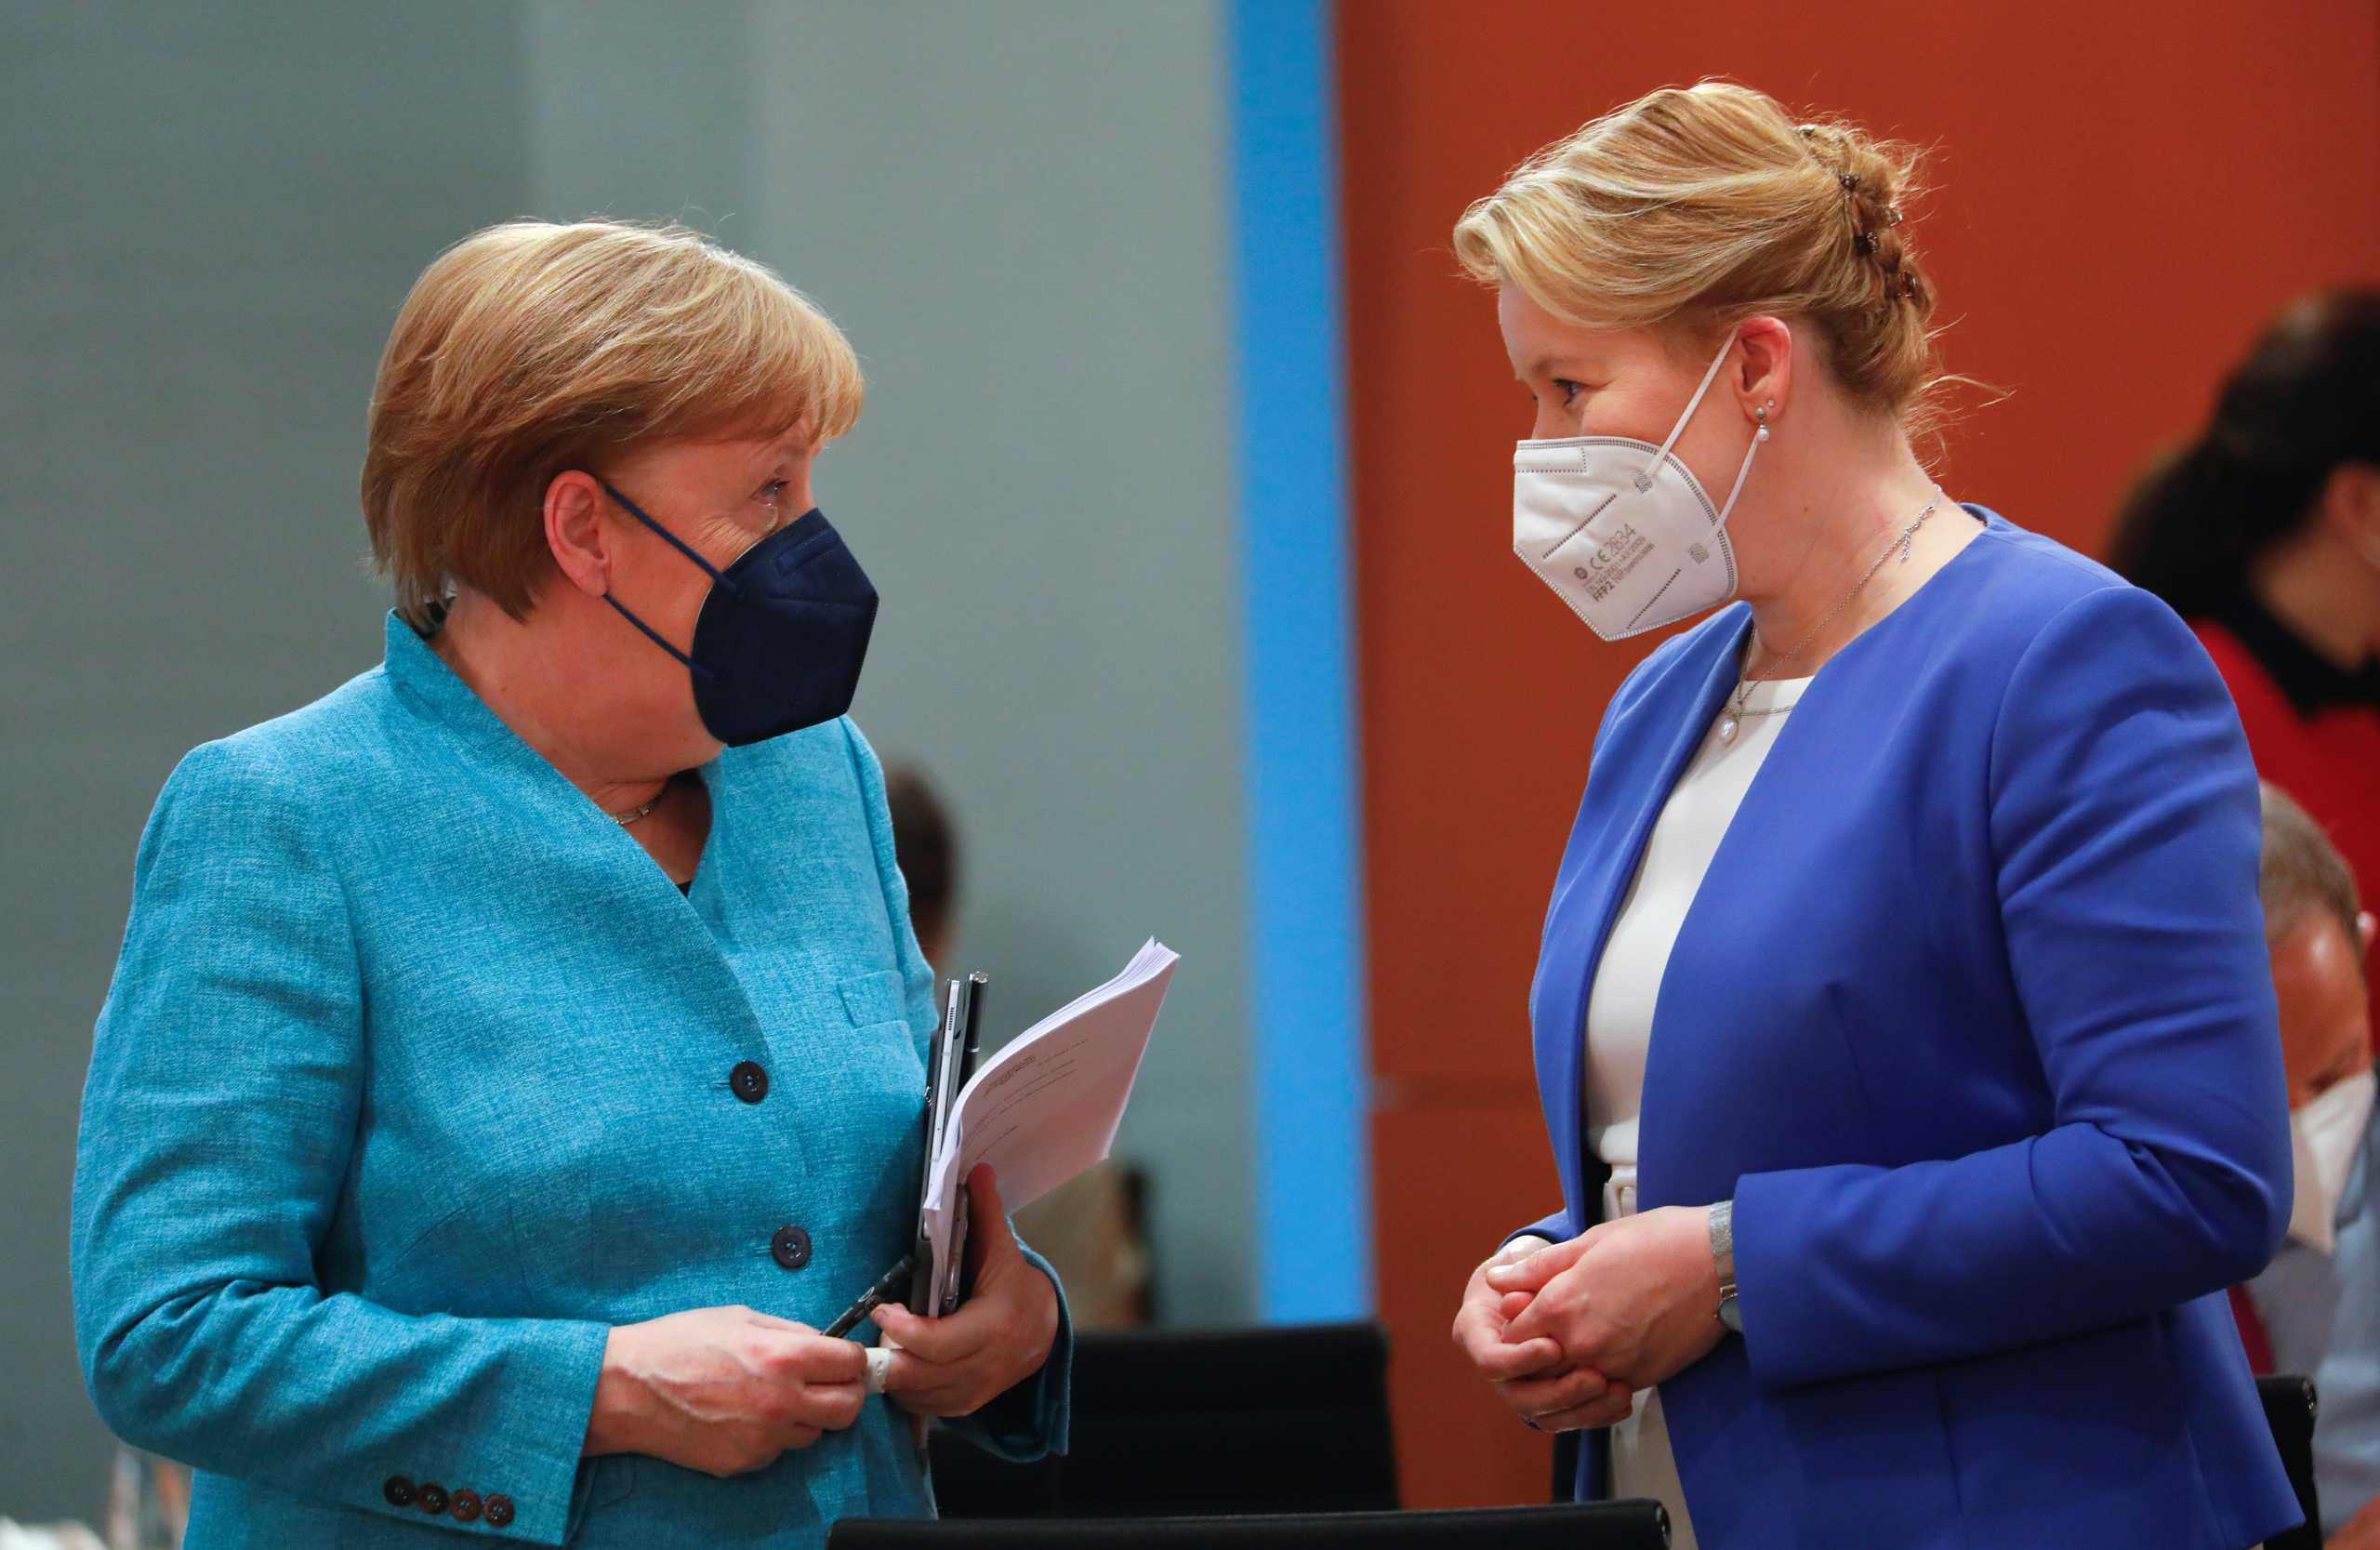 Γερμανία: Πανεπιστήμιο αφαίρεσε διδακτορικό πρώην υπουργού λόγω «εξαπάτησης»